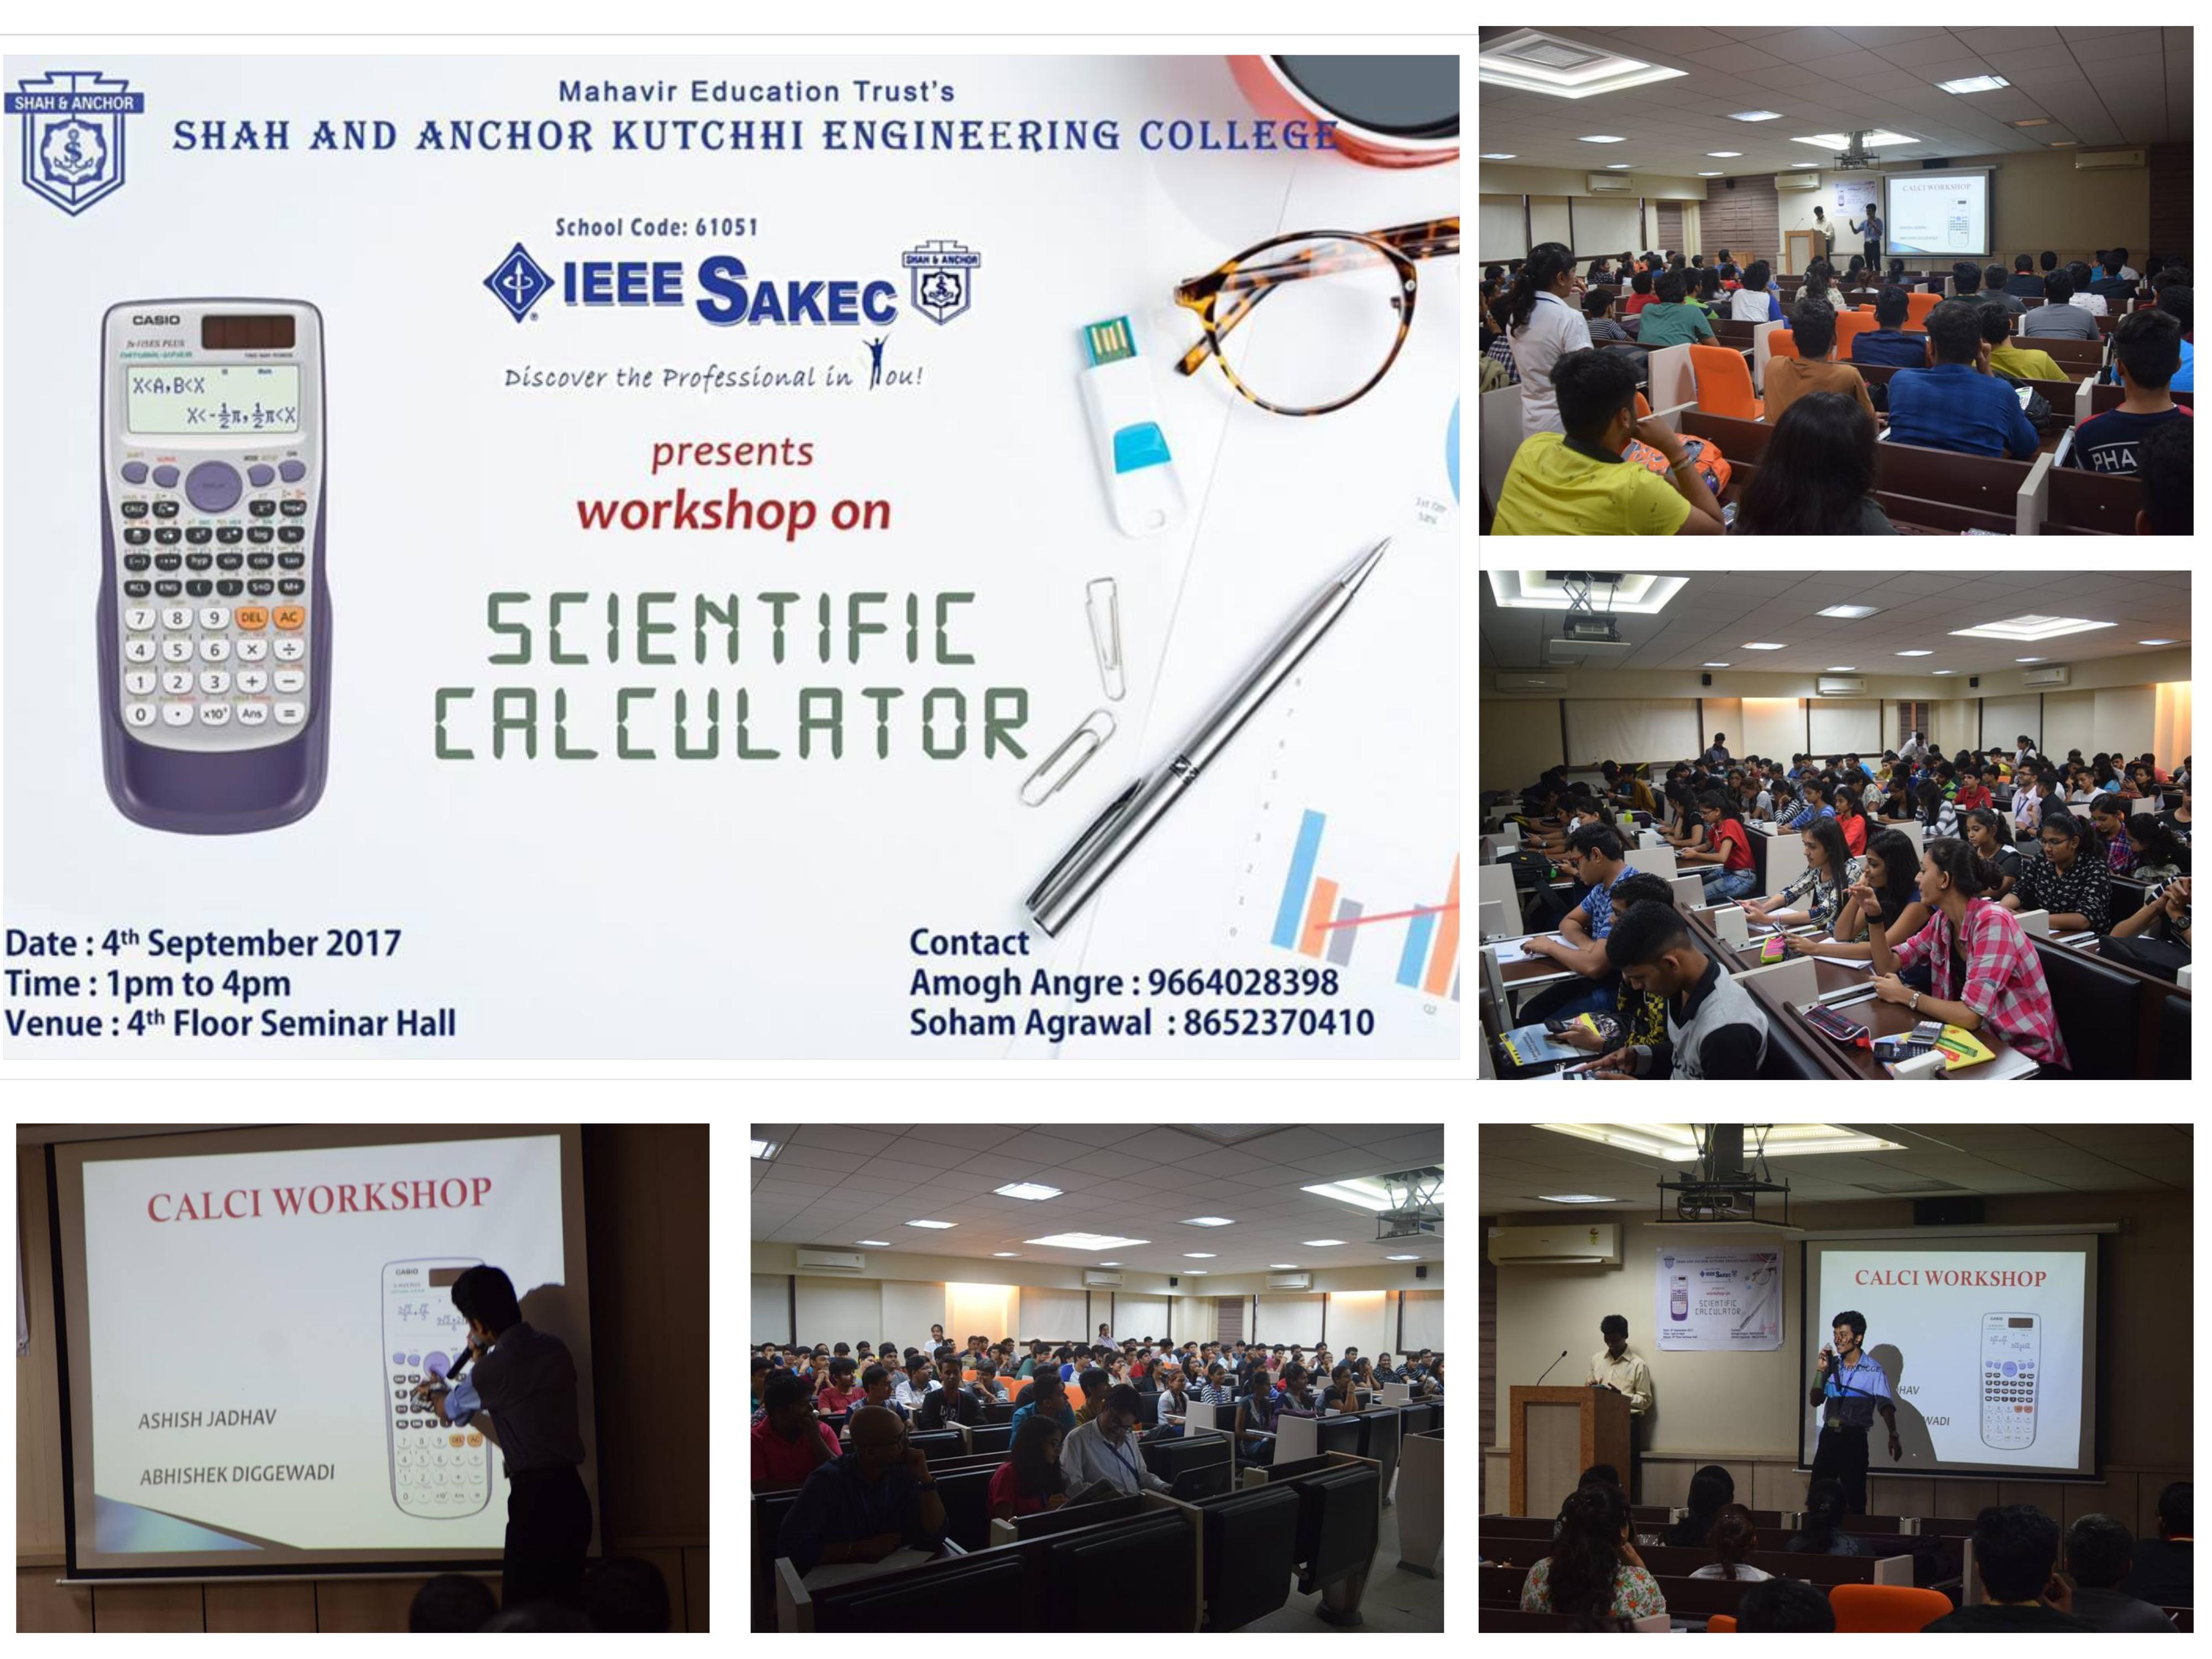 IEEE SAKEC